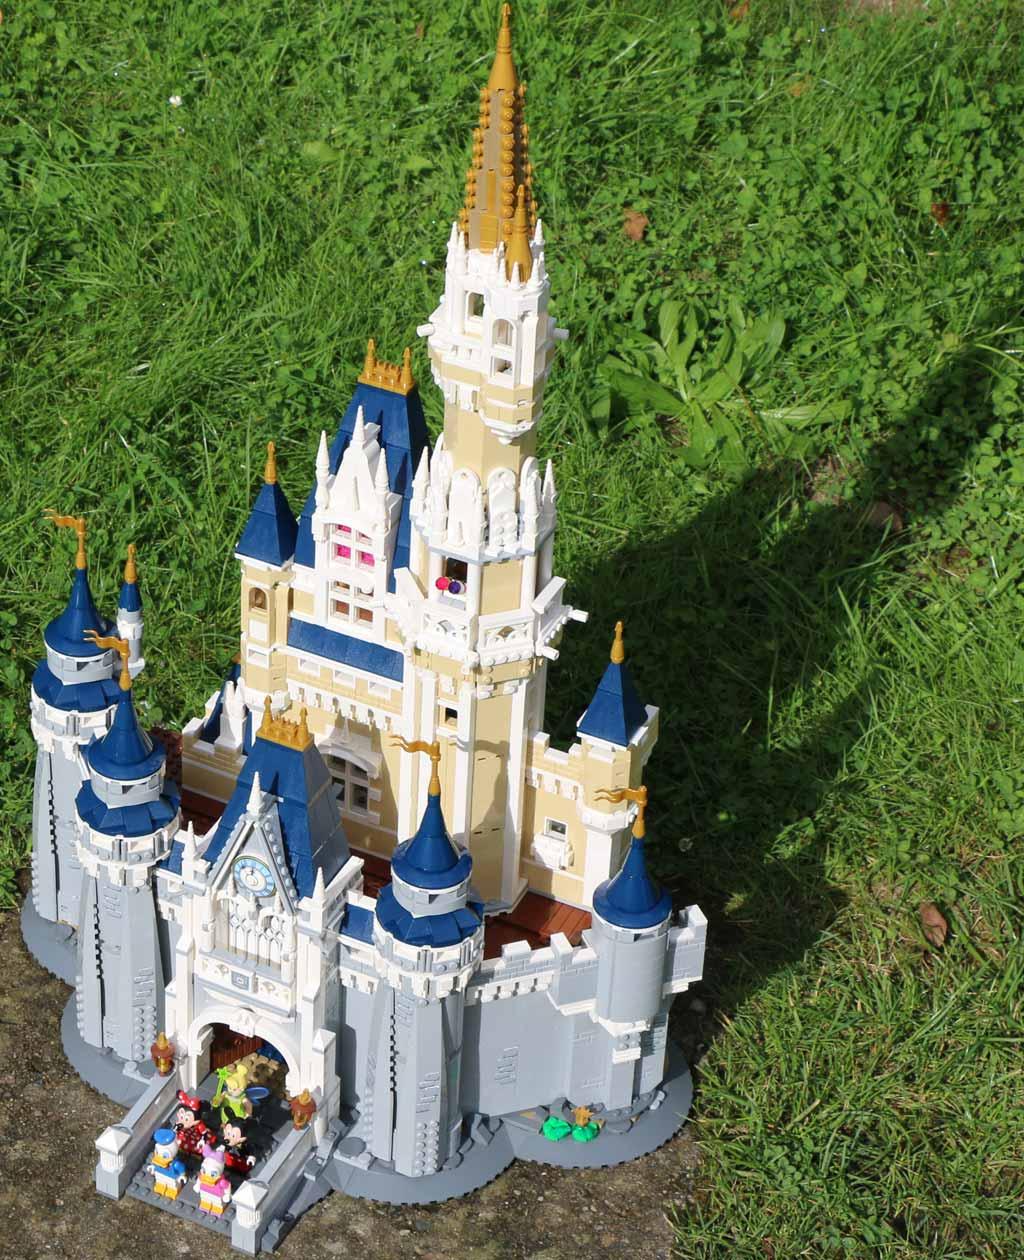 lego-disney-schloss-71040-vorderseite-front-komplett-cinderella-castle-2016-zusammengebaut-andres-lehmann zusammengebaut.com